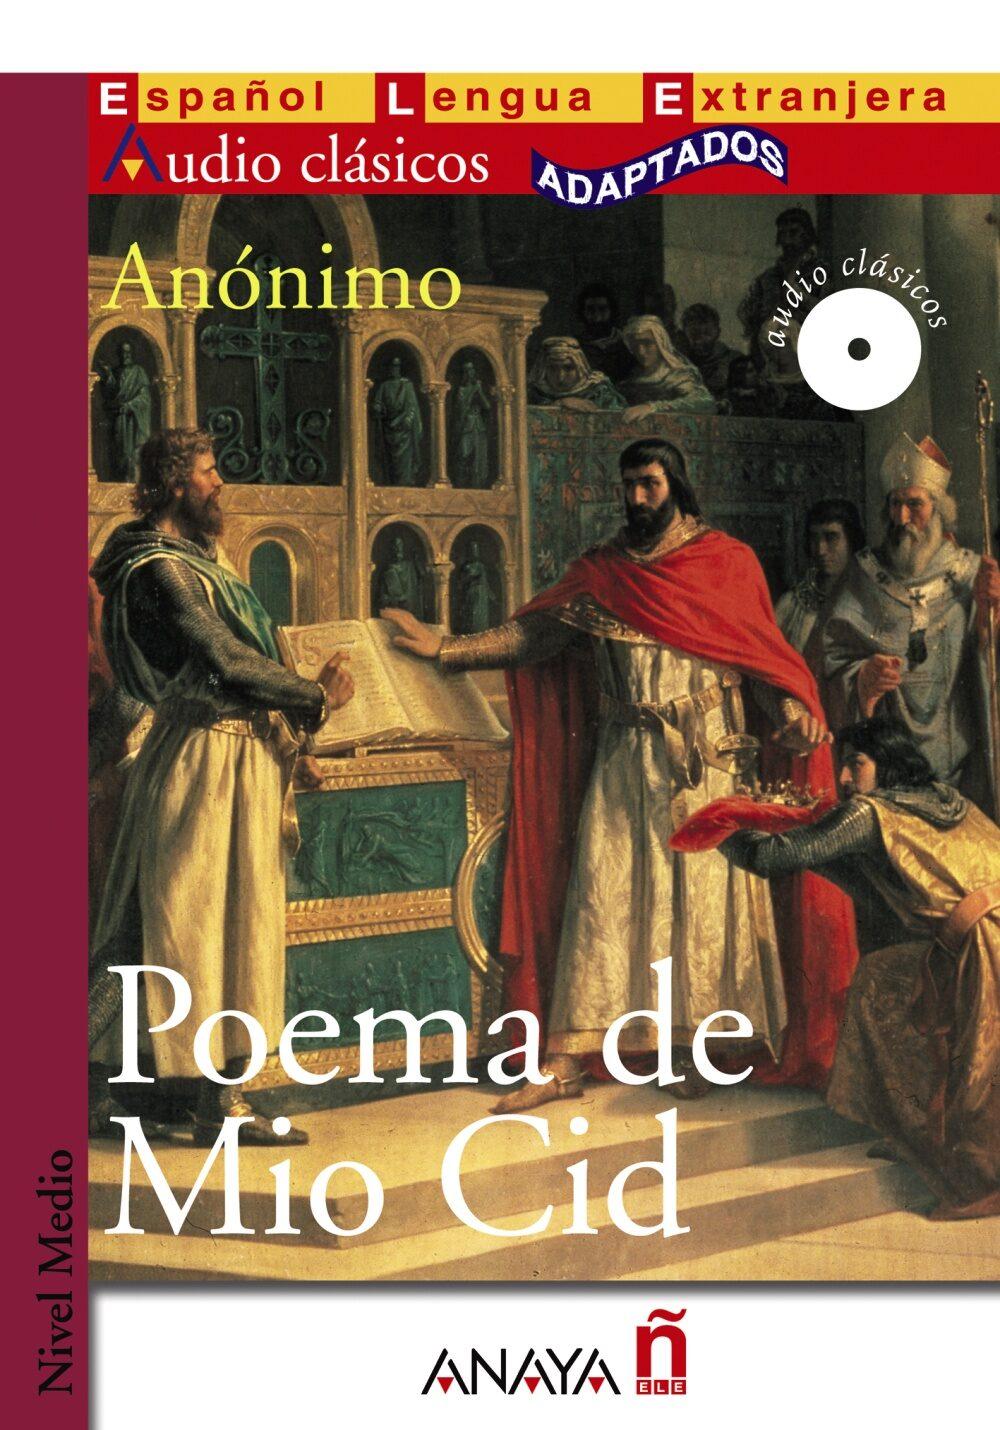 Poema De Mio Cid (lecturas Audio Clasicos Adaptados Nivel Medio) (espa - Anonimo